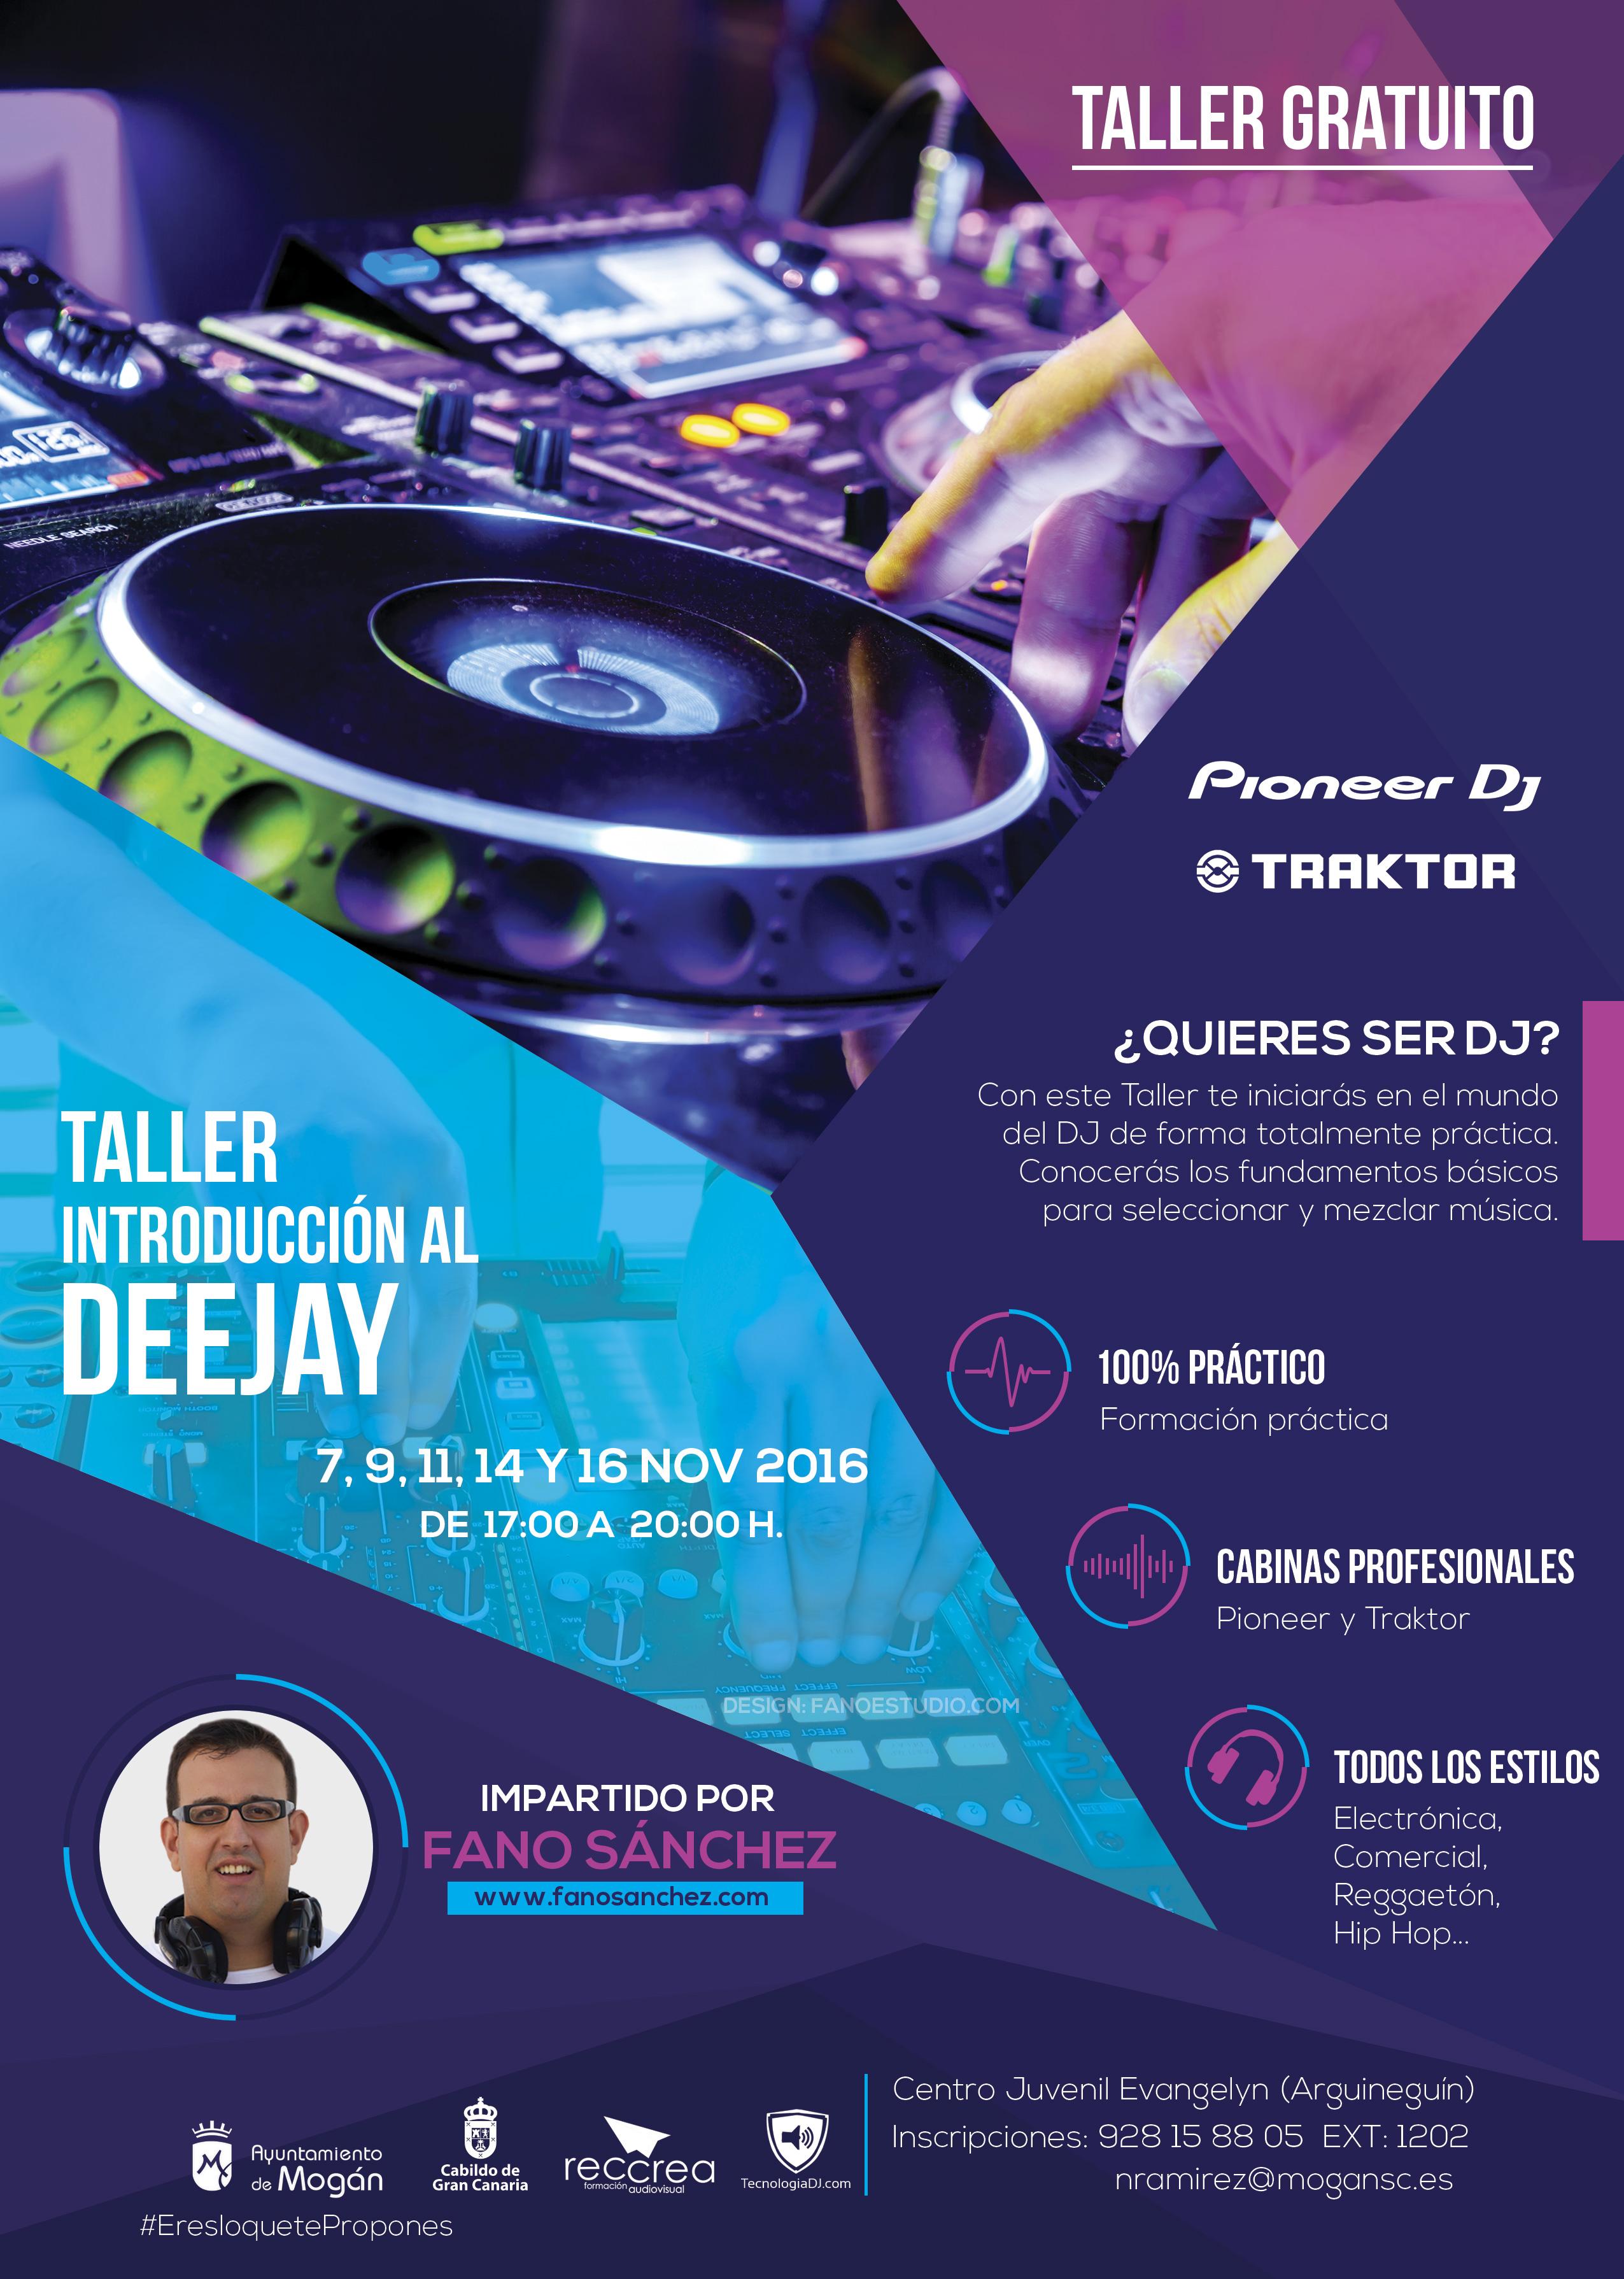 Taller de Introducción al DJ en Gran Canaria